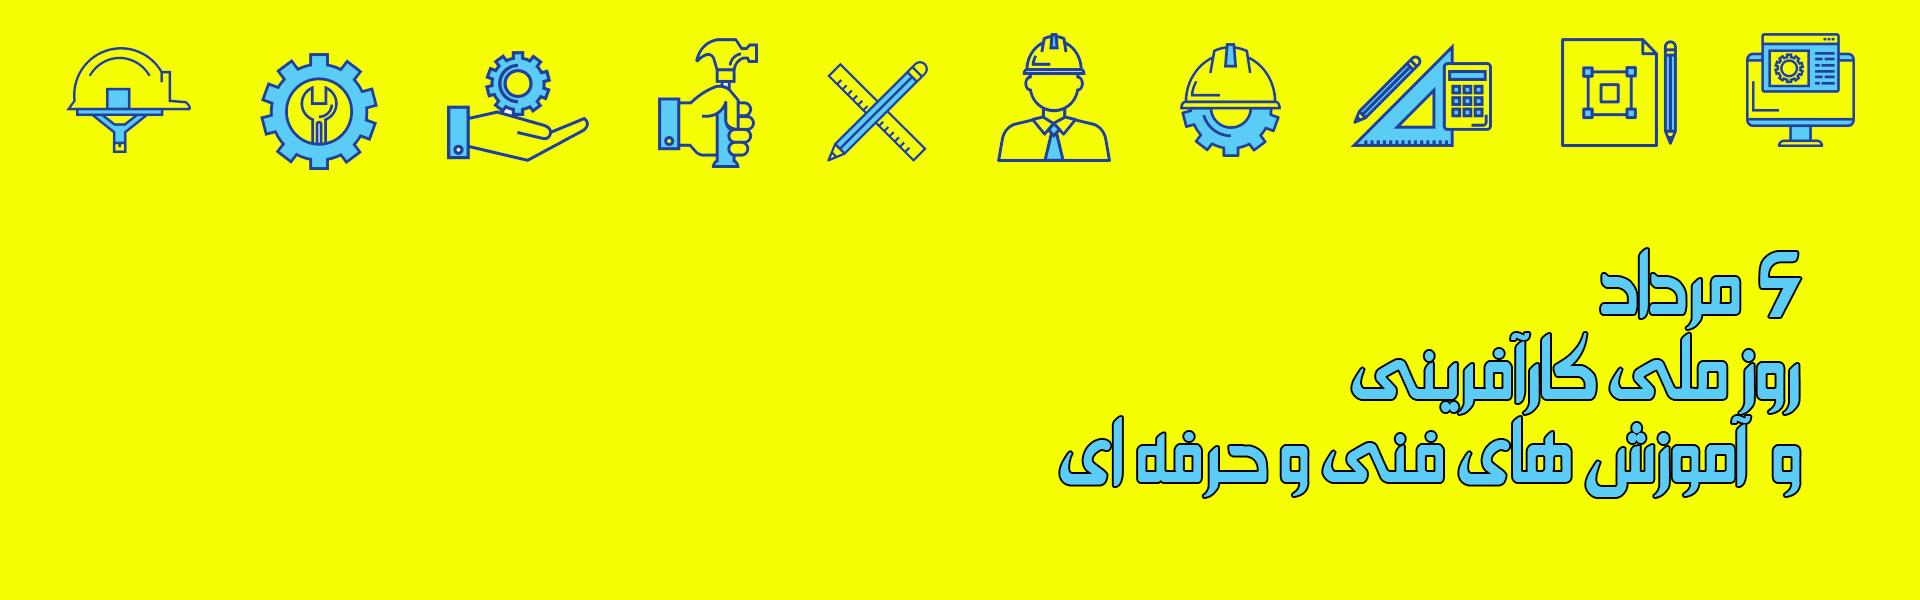 روز ملی آموزش های فنی و حرفه ای